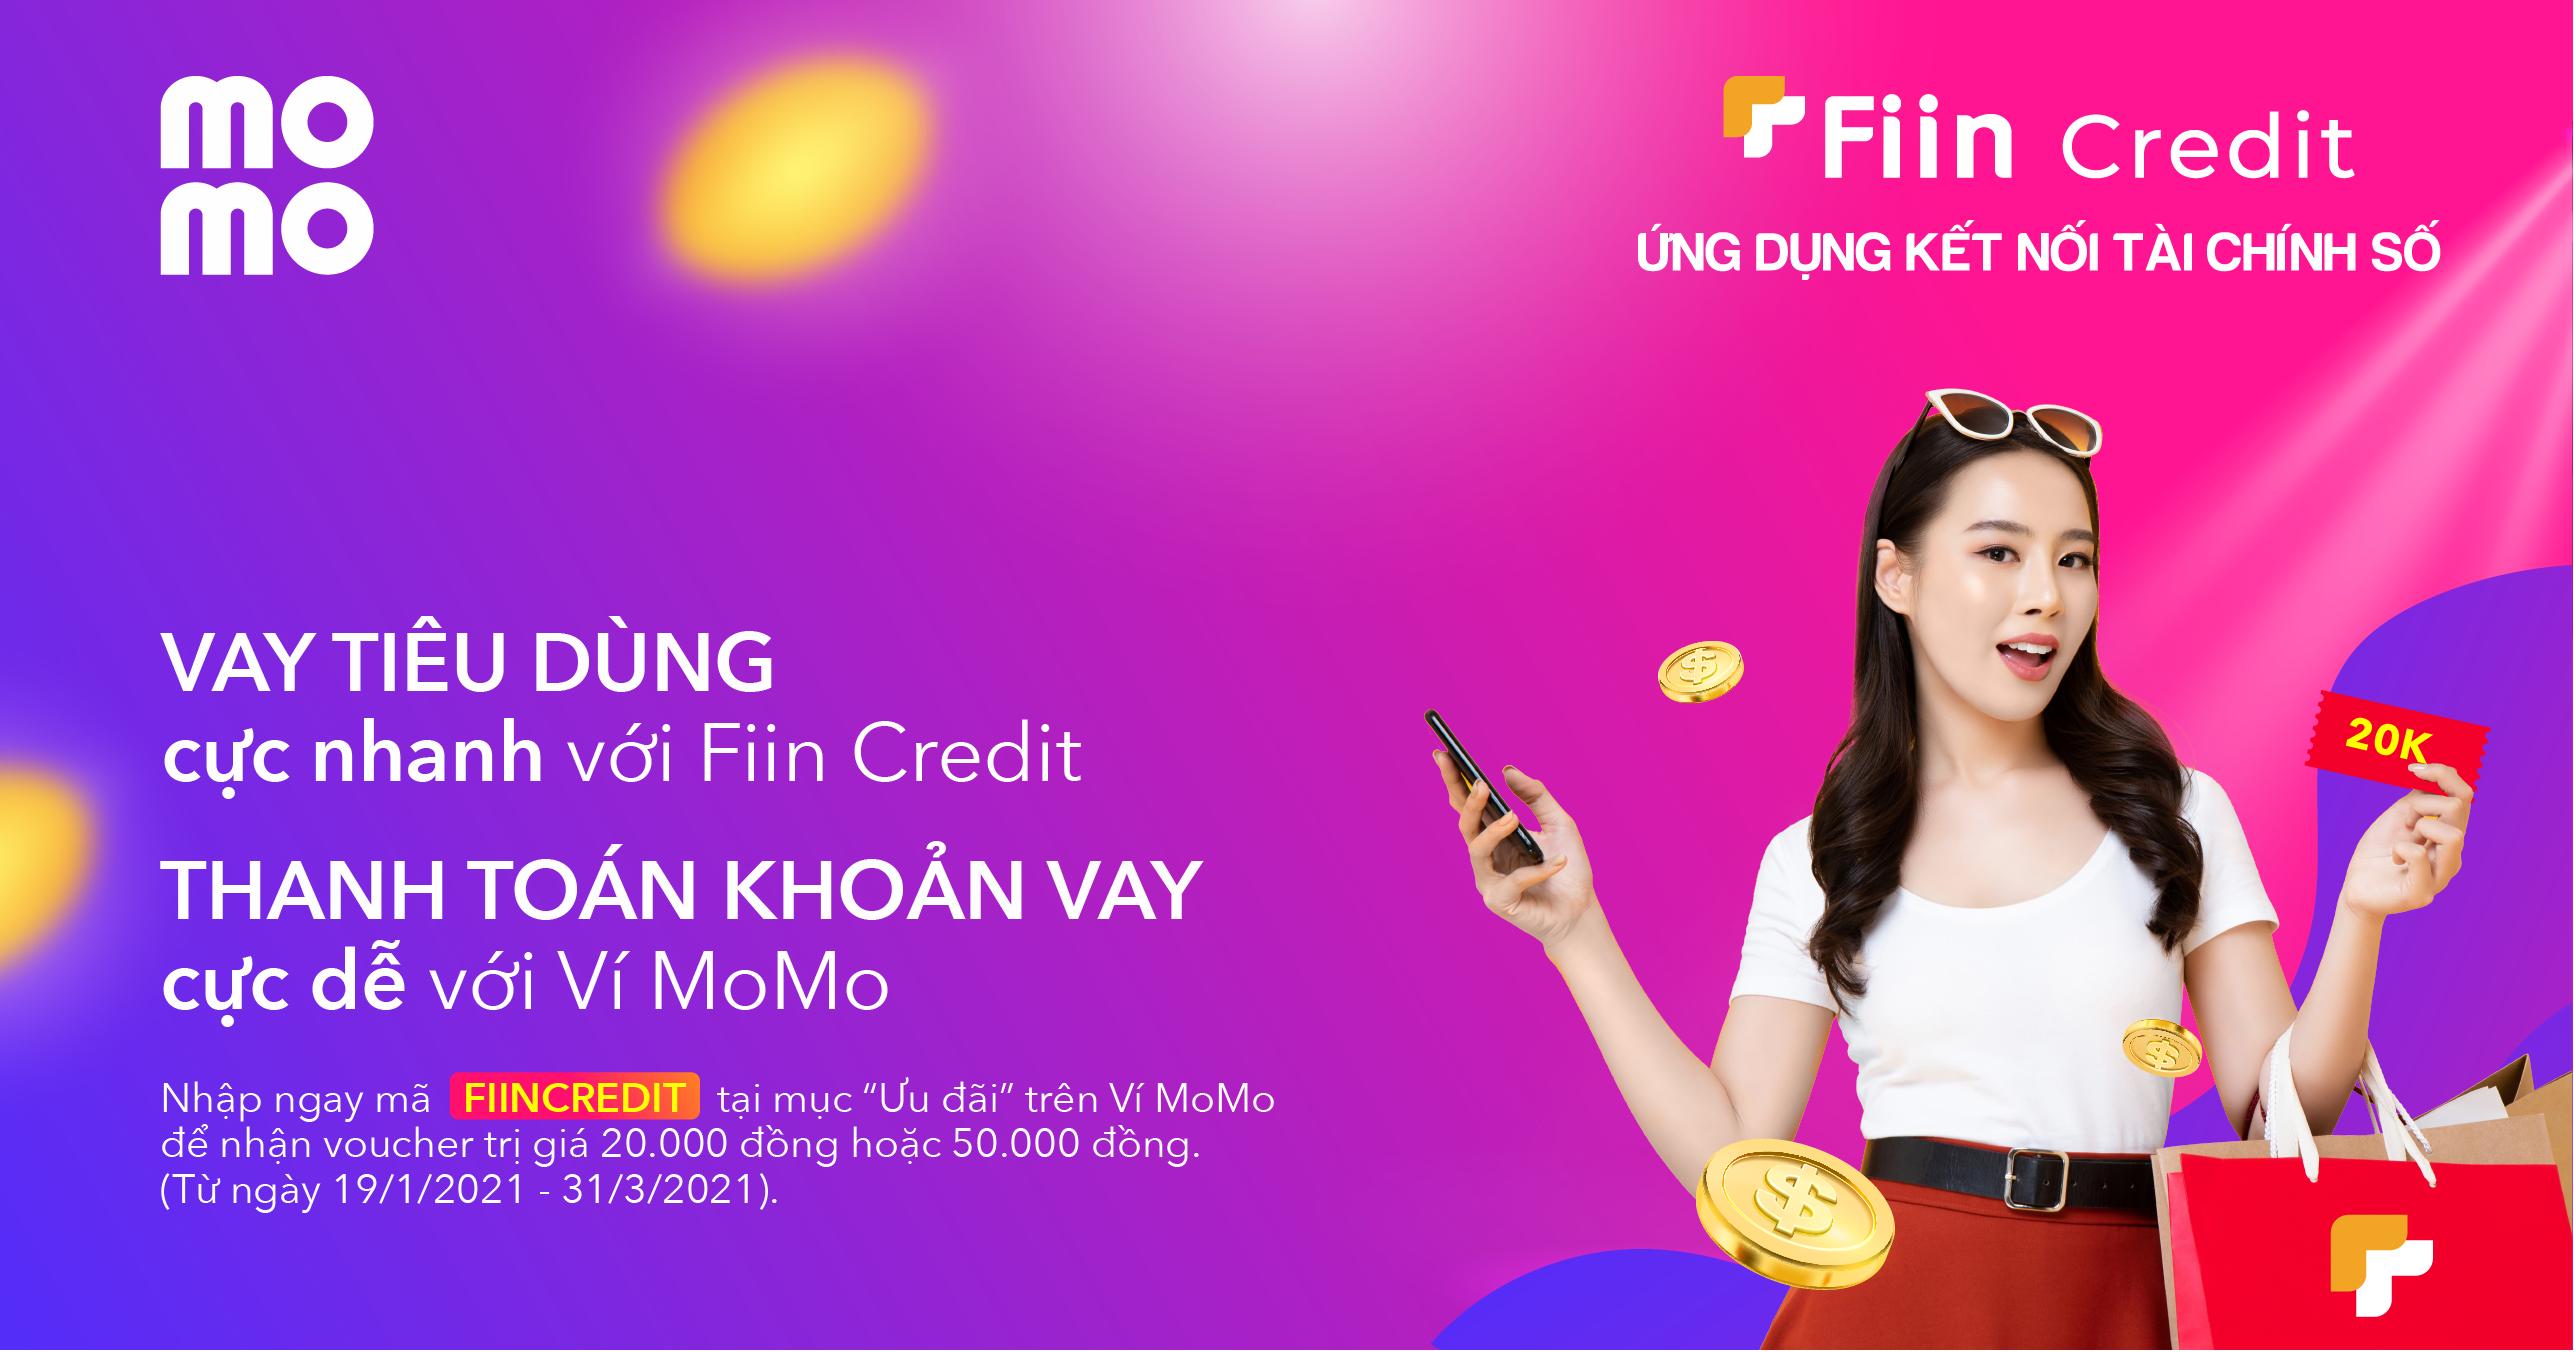 Rút tiền từ Fiin Credit về MoMo một cách dễ dàng